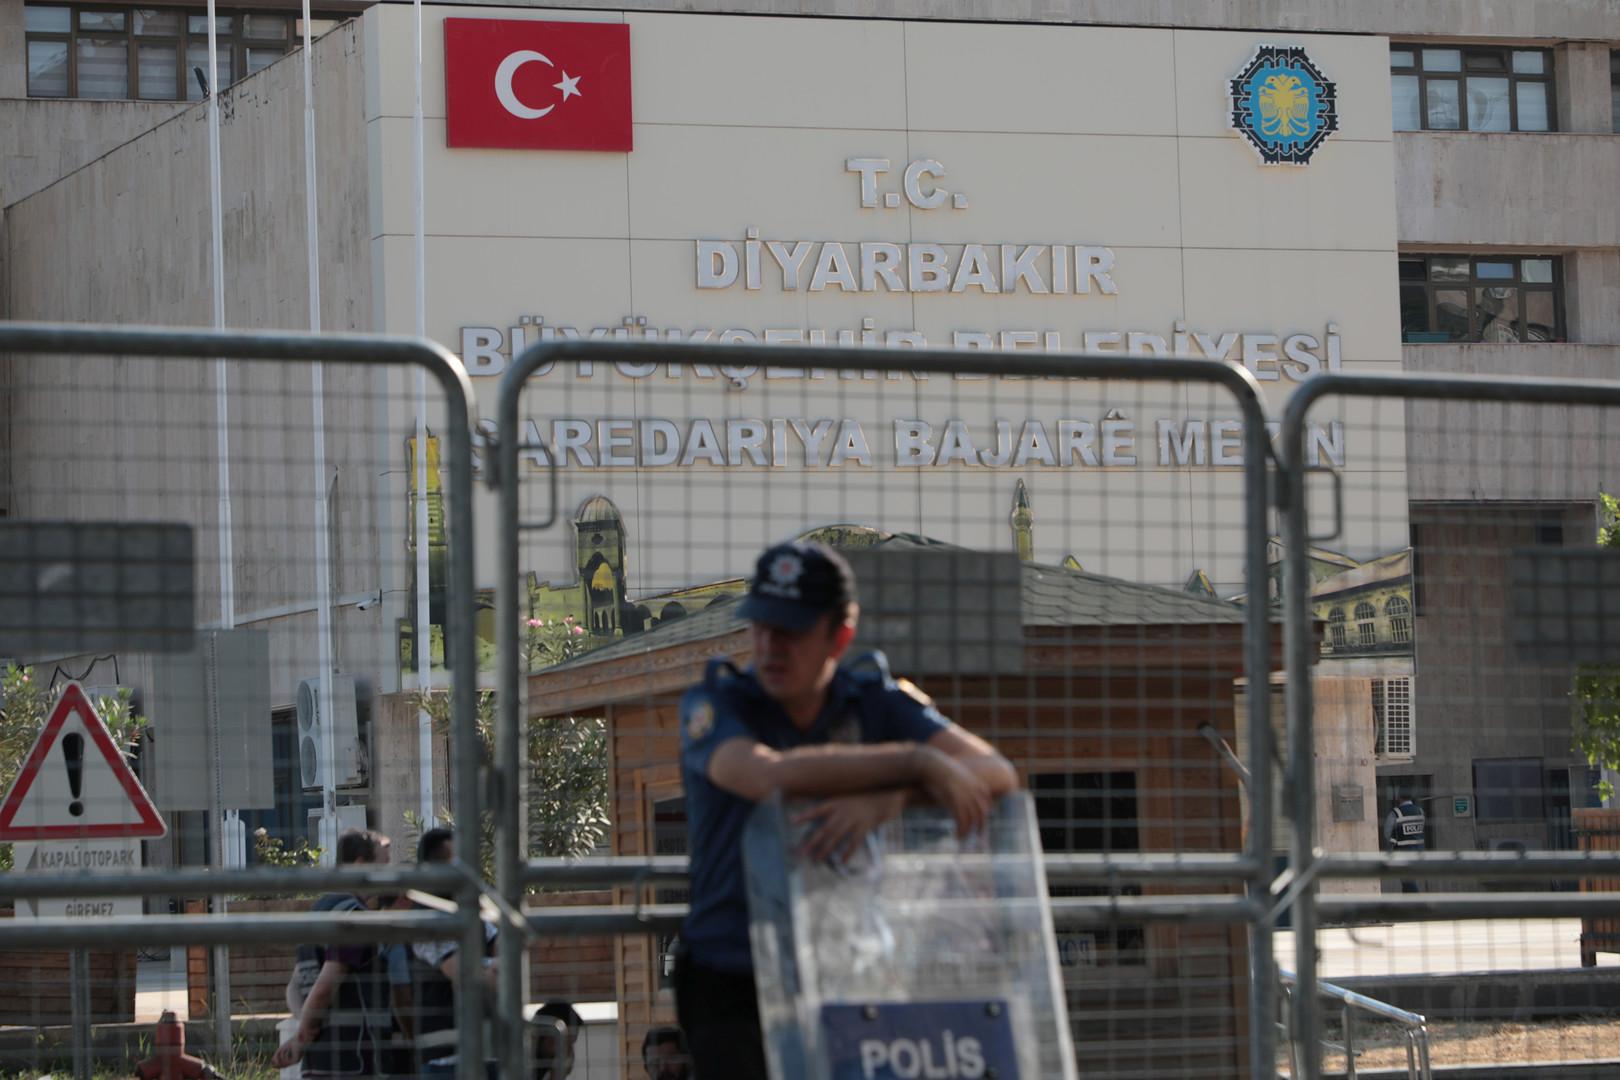 تركيا.. حملة اعتقالات تطال المئات بتهمة التواطؤ مع